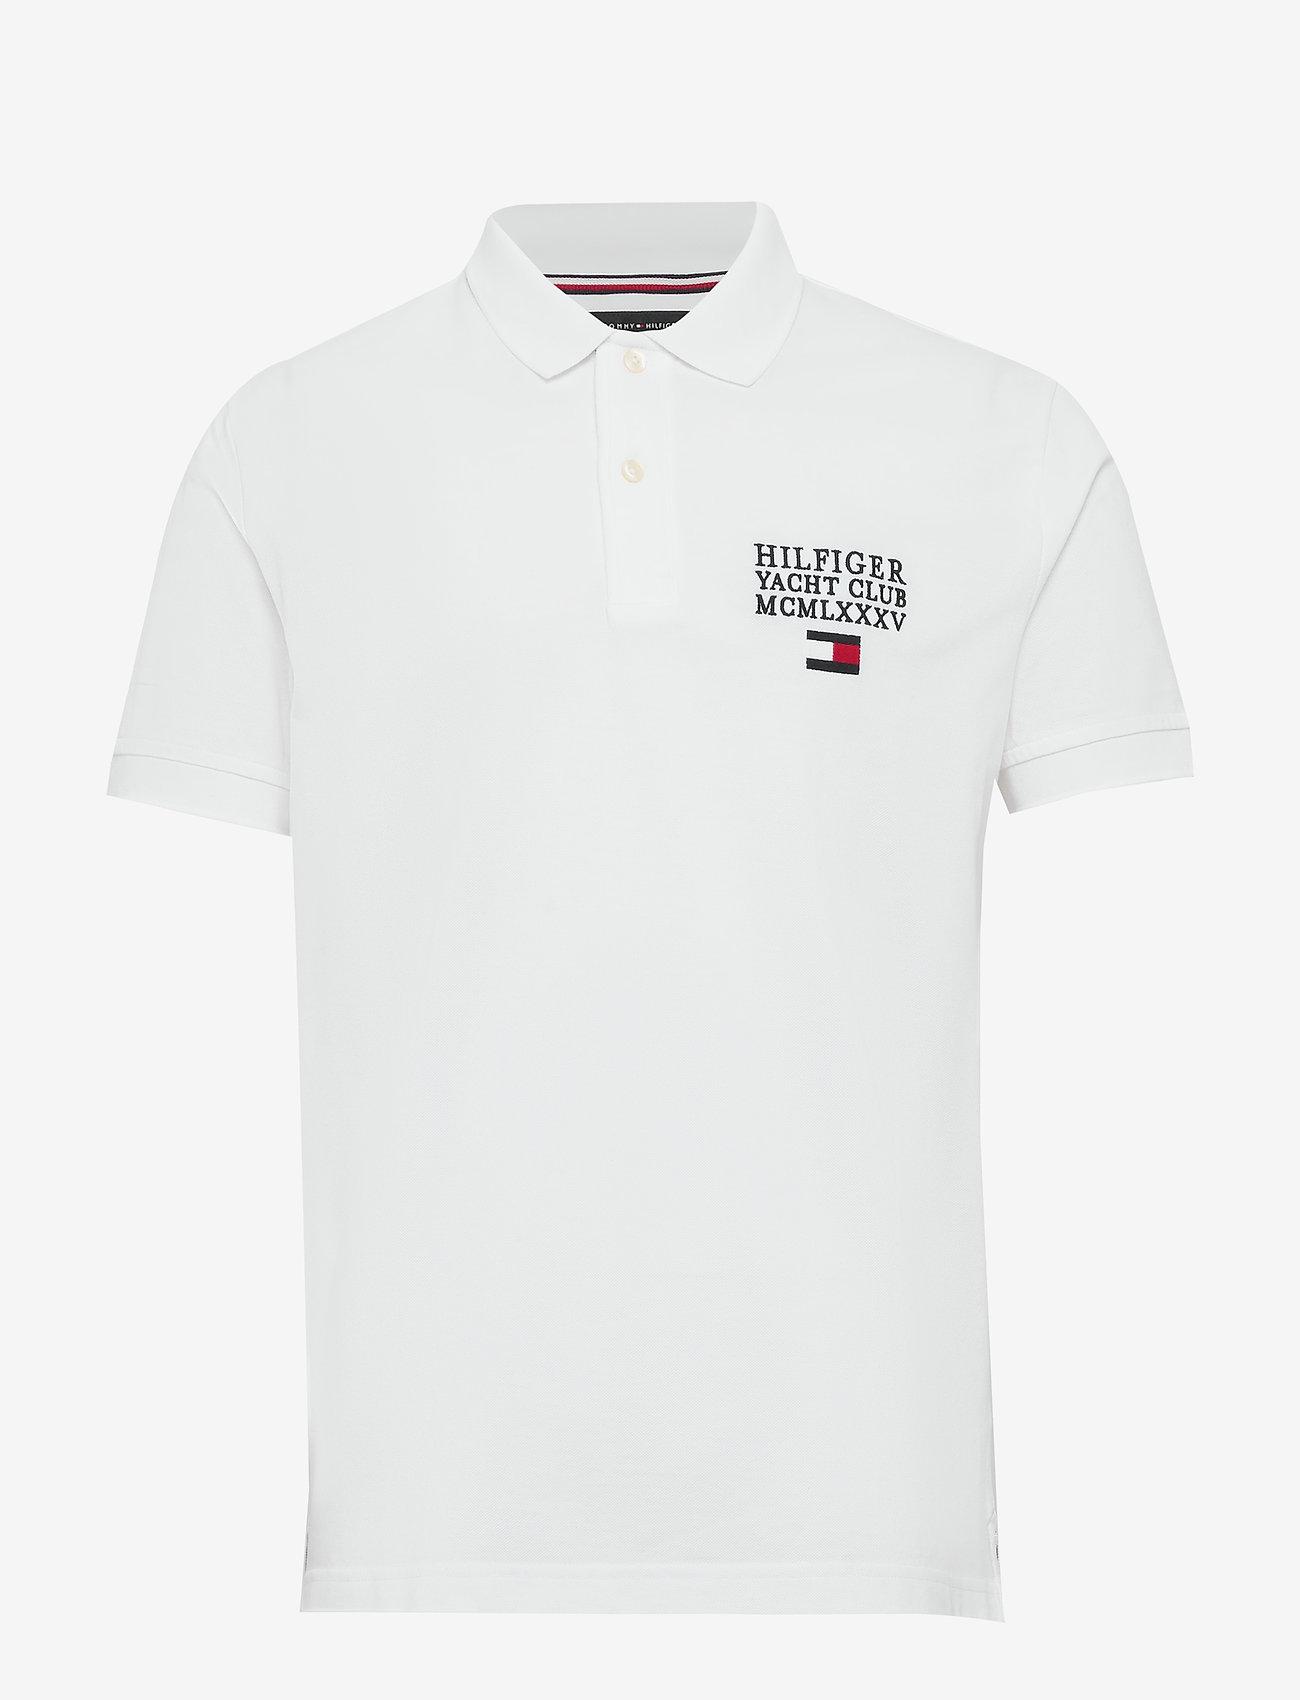 Tommy Hilfiger - HILFIGER ARTWORK REG - short-sleeved polos - white - 0